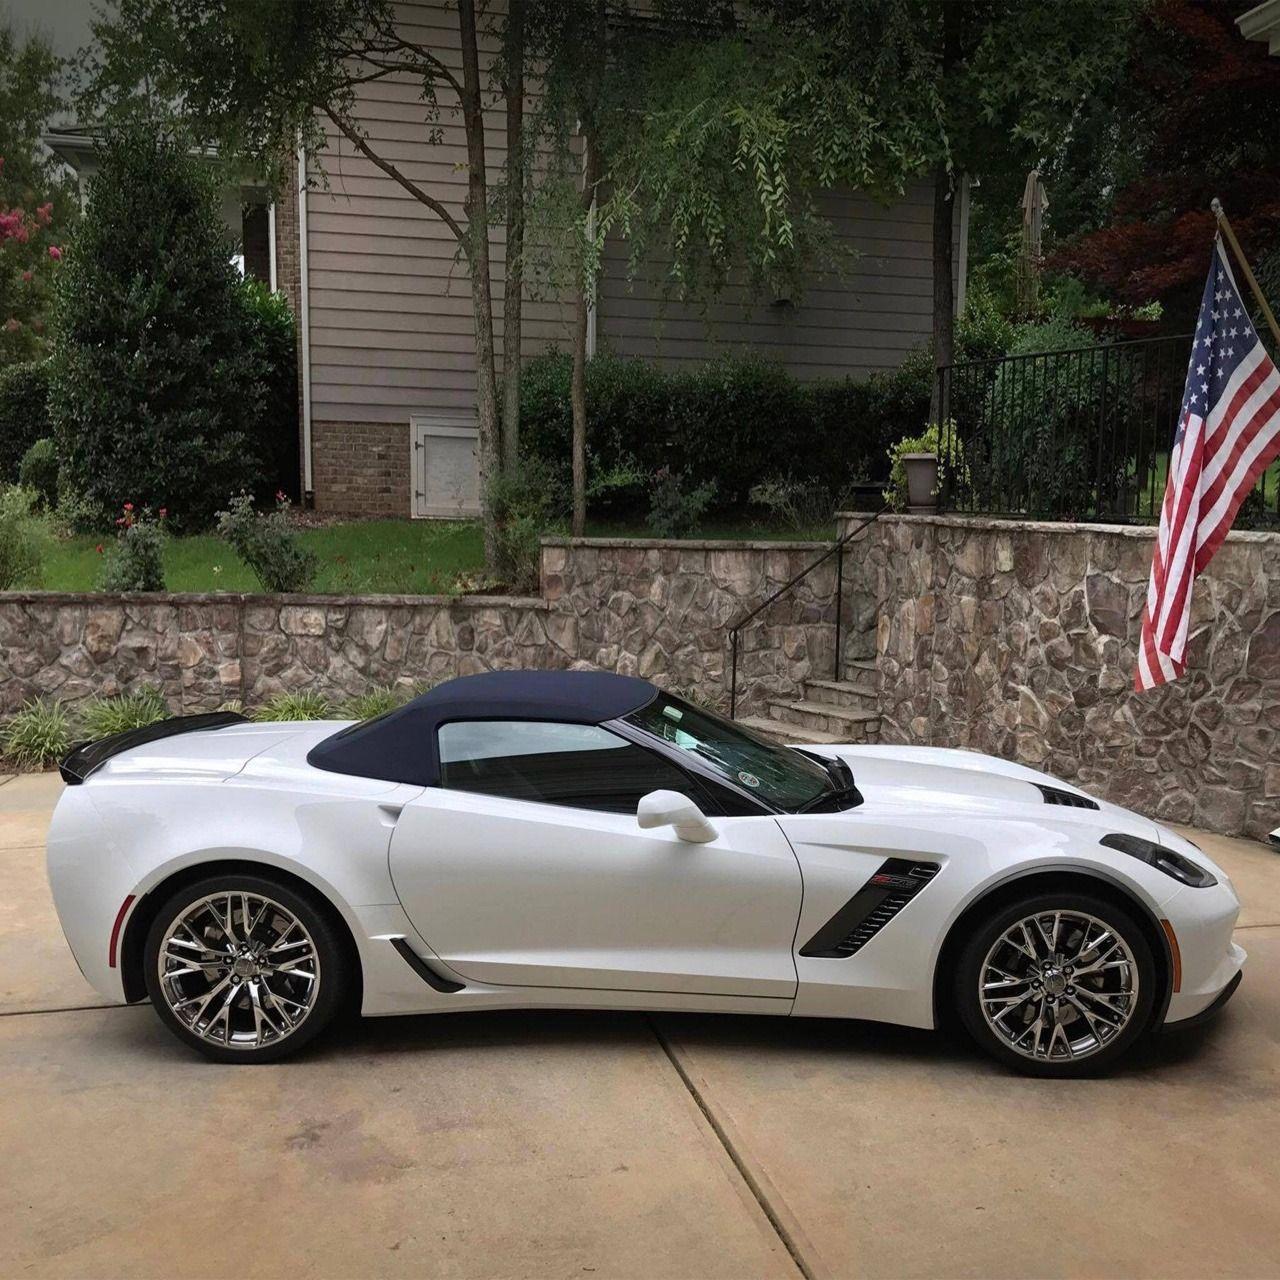 Absurdly Wrapped Bugatti Veyron Super Sport For Sale In: Chevrolet Corvette, Corvette, Super Cars